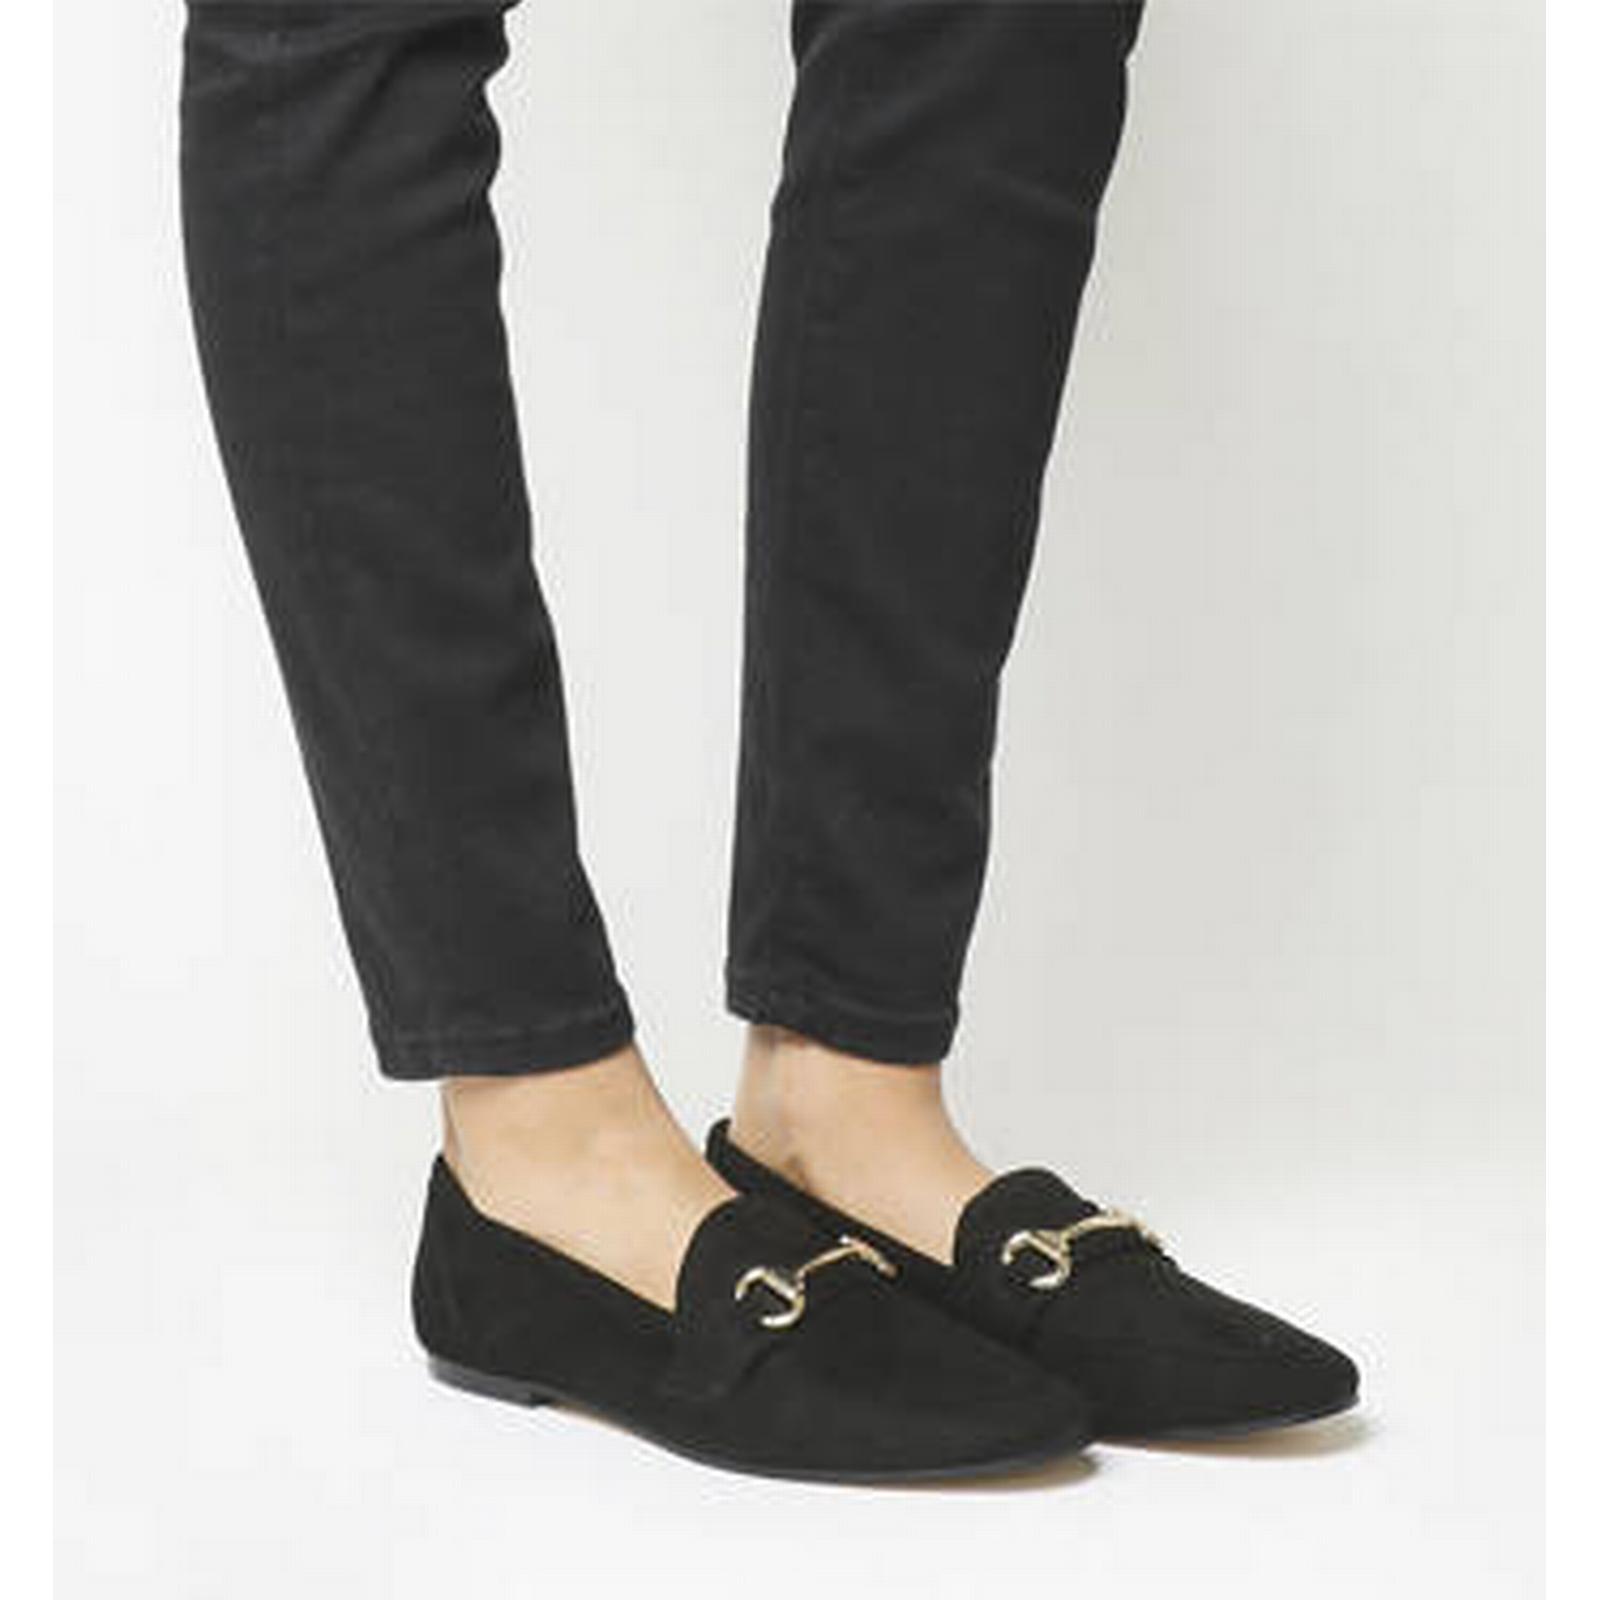 Office Destiny Trim Loafer BLACK BLACK Loafer SUEDE 4ea08c